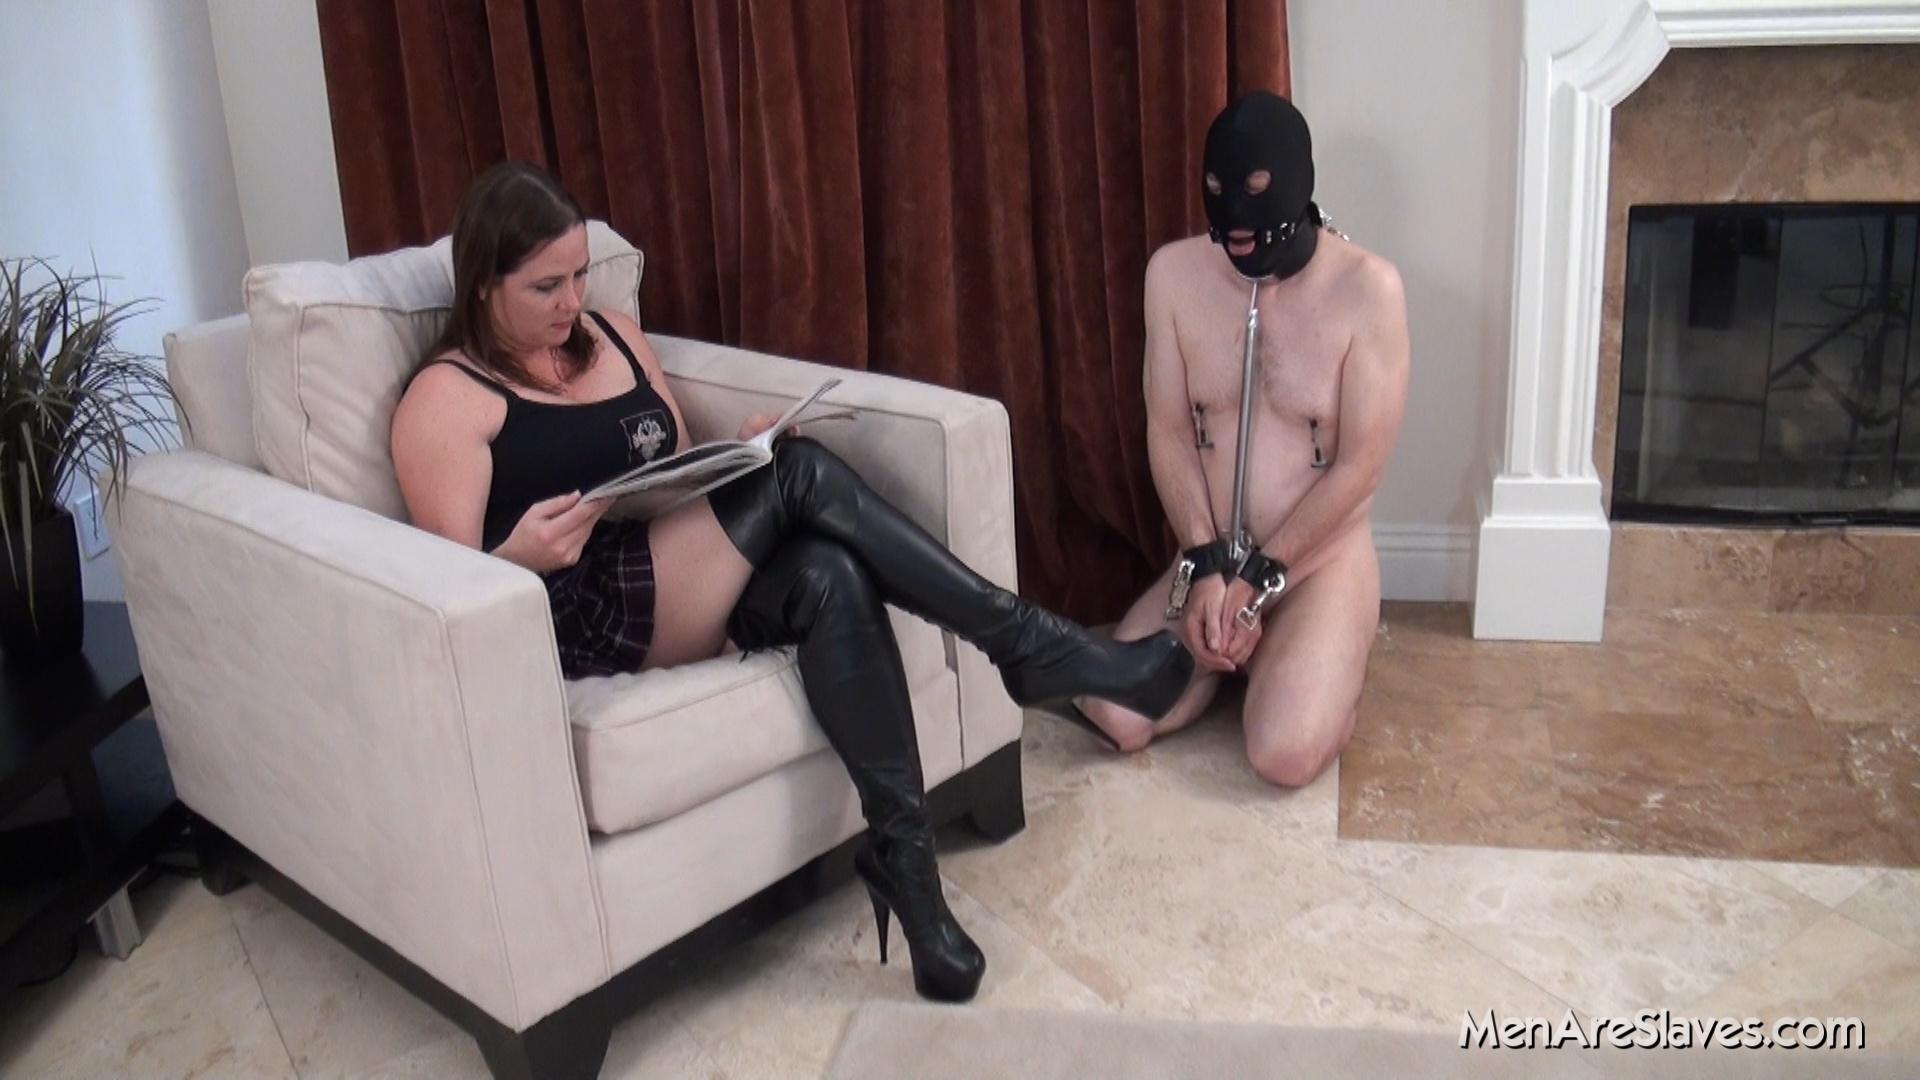 Туалетный раб для русской госпожи, Русского туалетного раба госпожа опускает головой 6 фотография